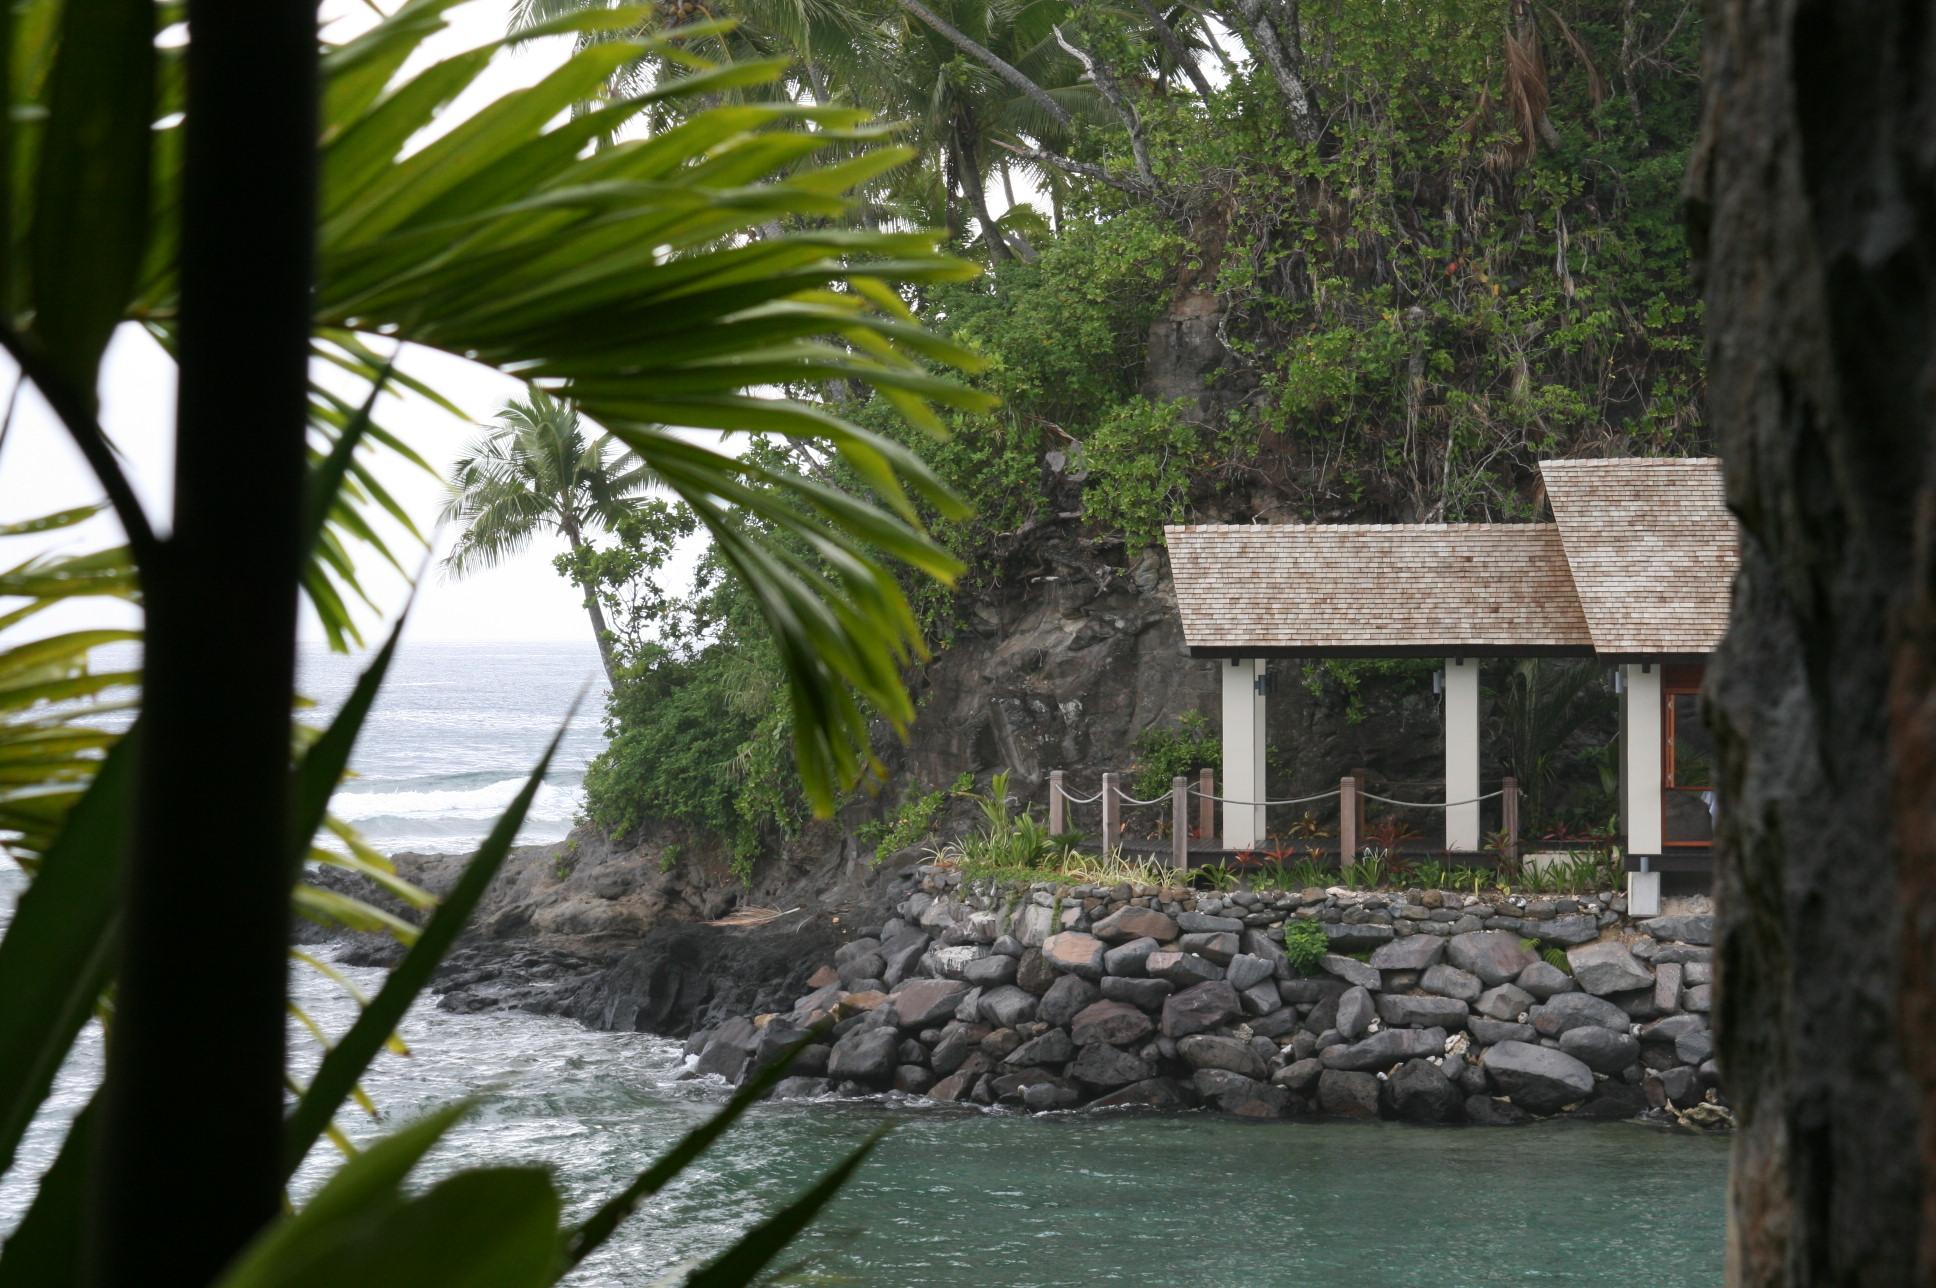 seabreeze resort aufagna south coast samoa 05.jpg